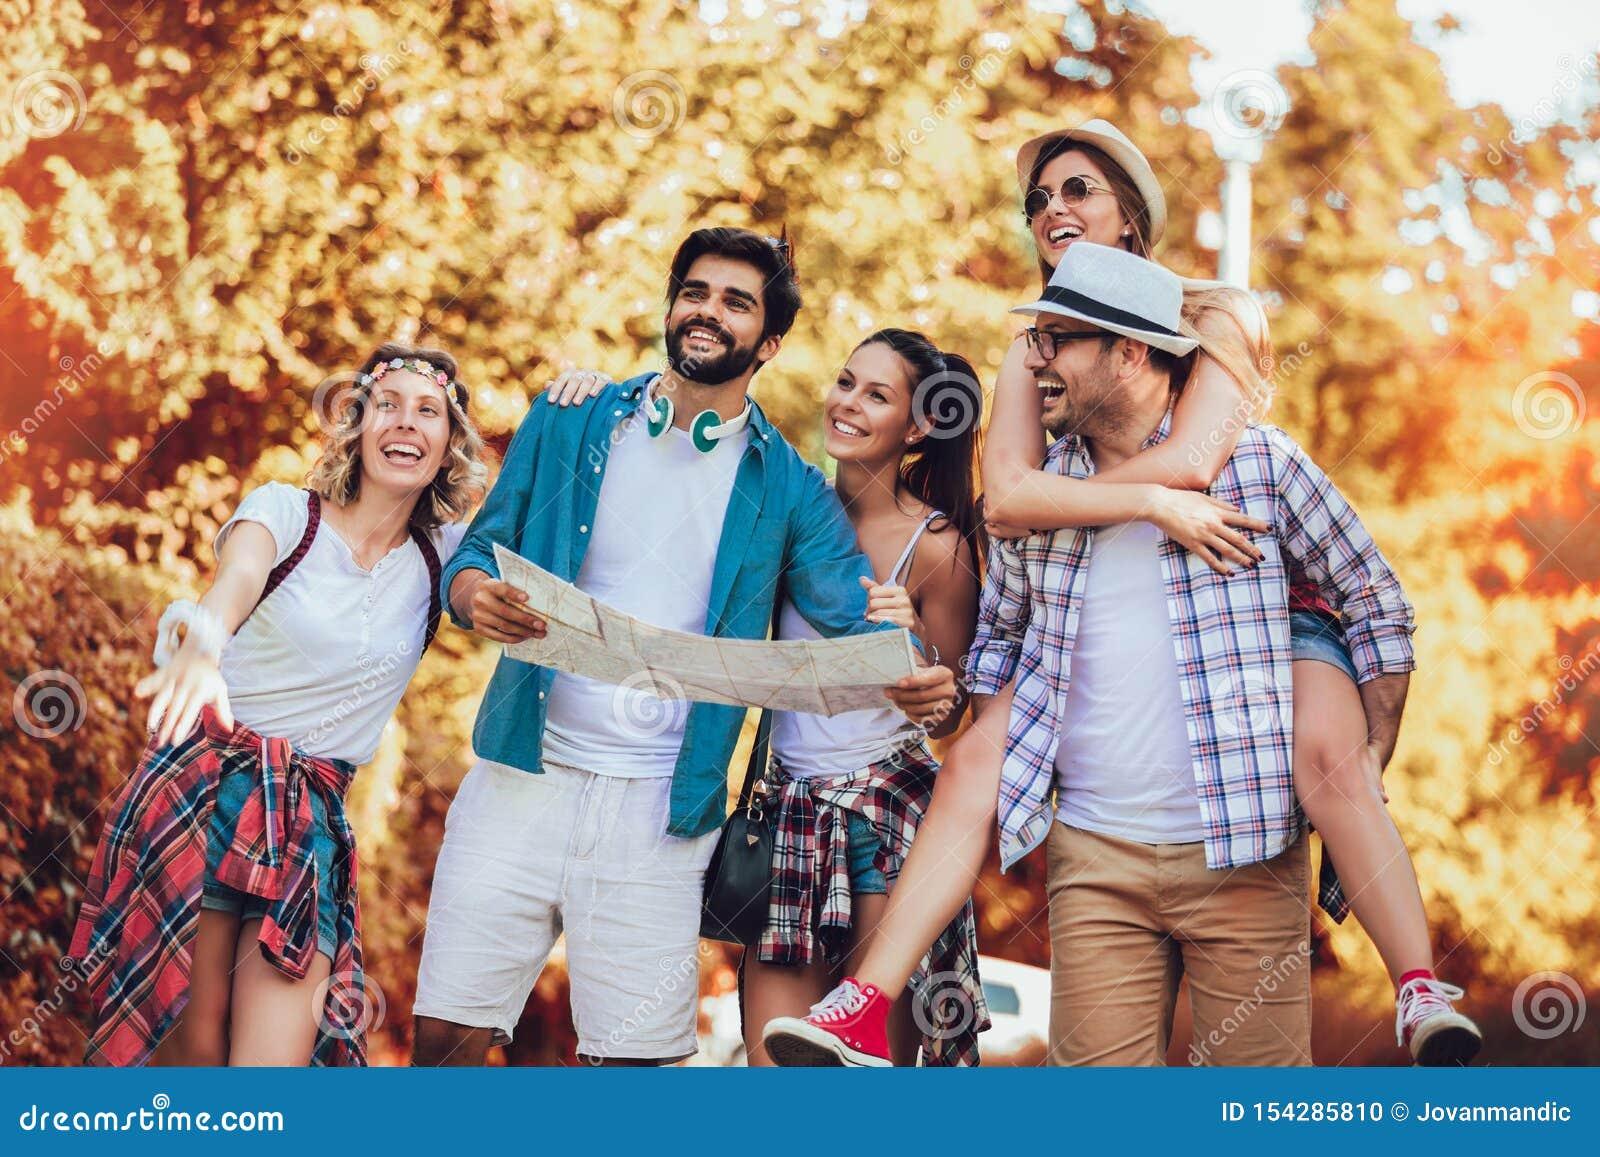 Amis de sourire marchant avec des sacs à dos en bois - aventure, voyage, tourisme, hausse et concept de personnes